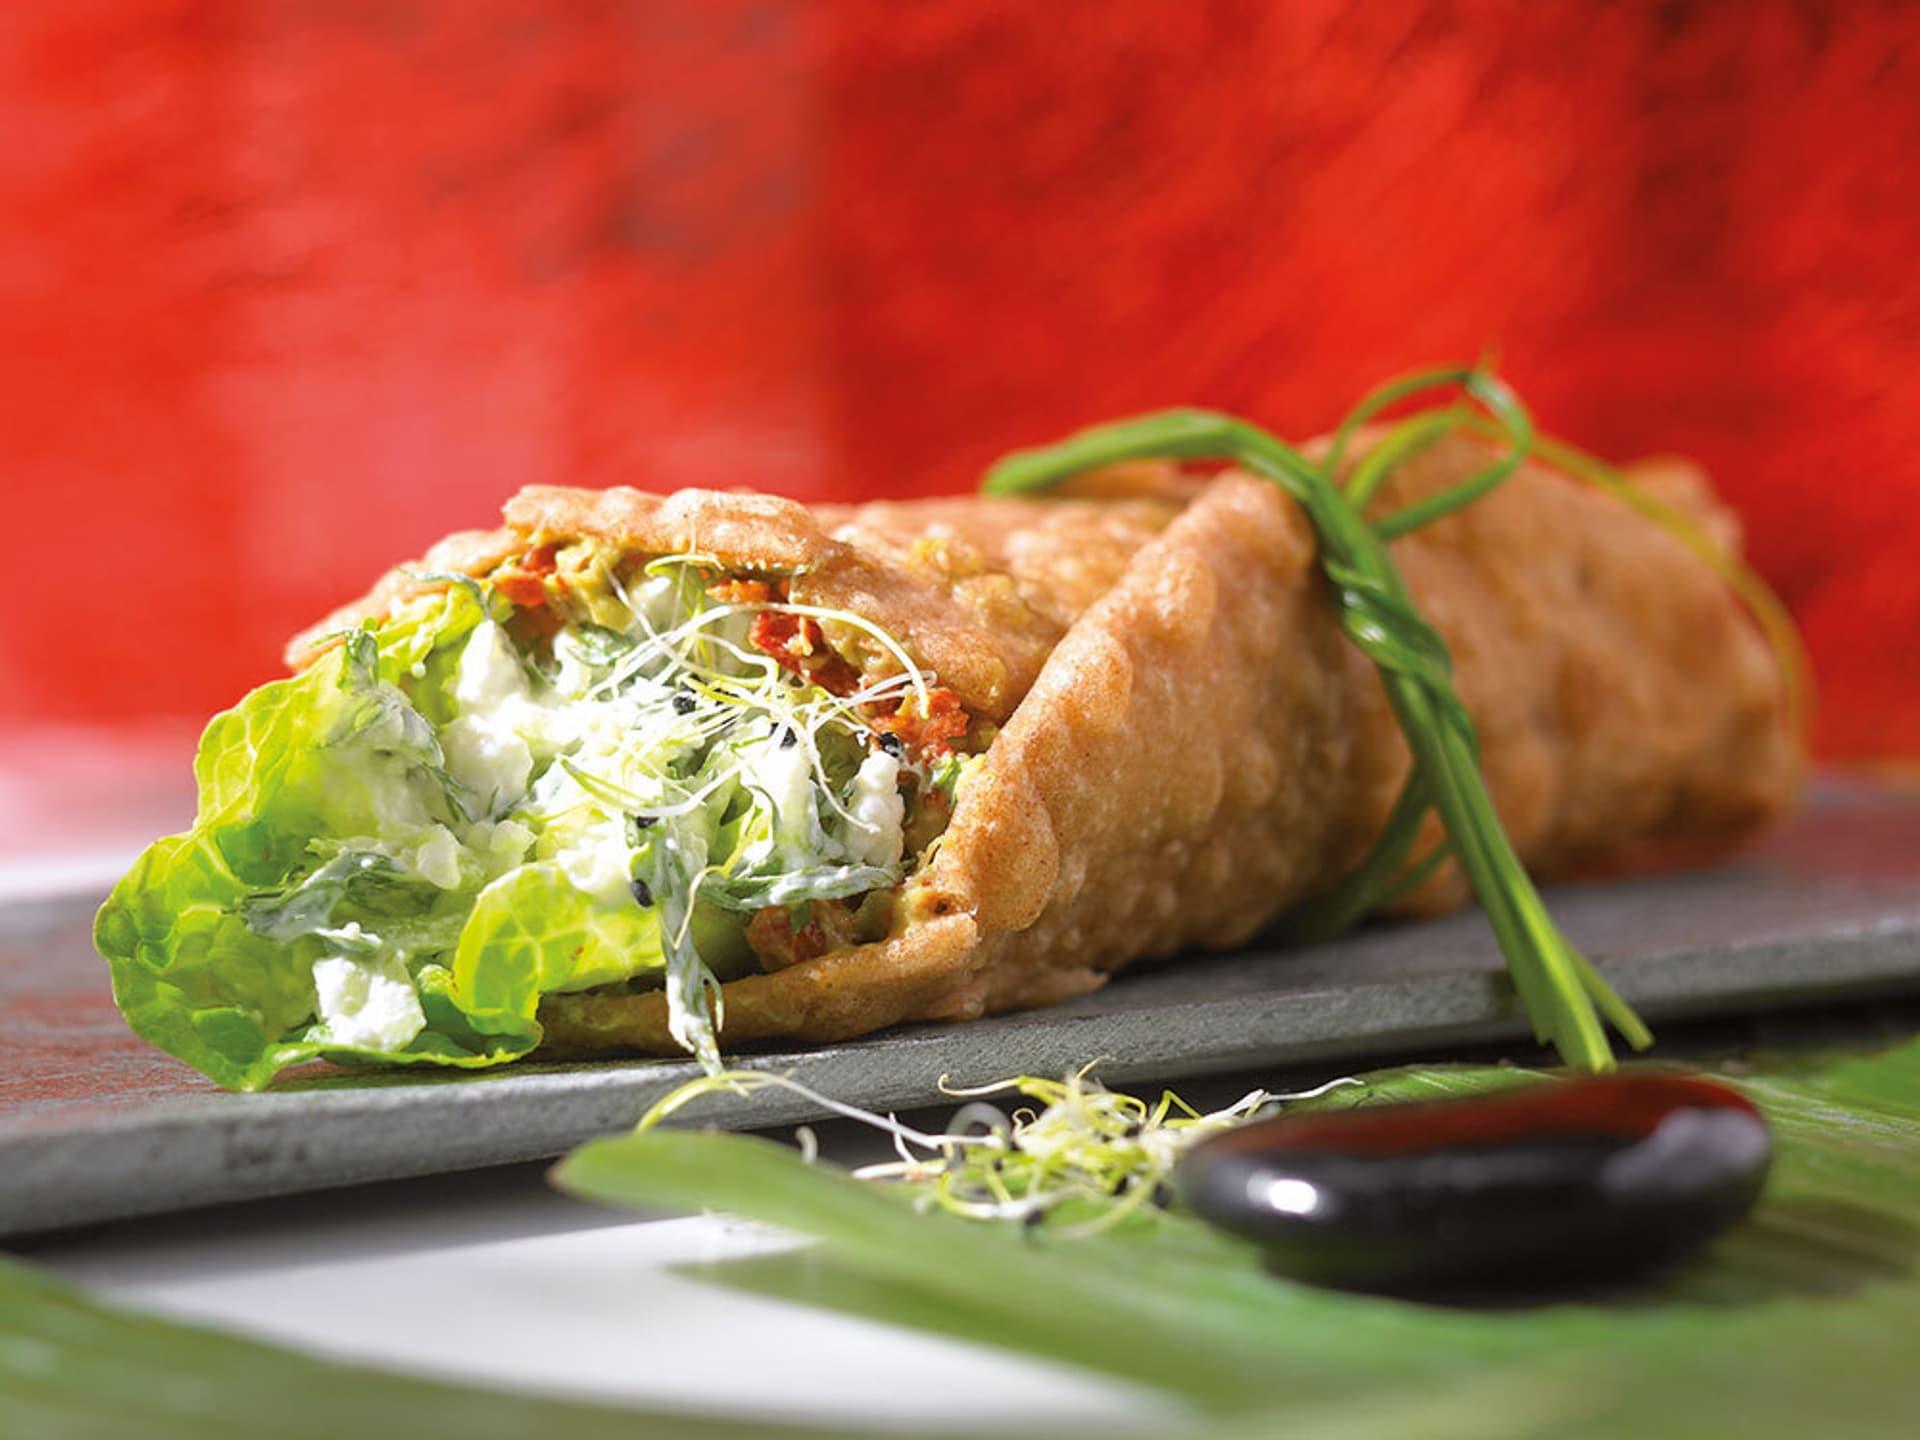 Mit Avocado und Salat gefüllter Wrap